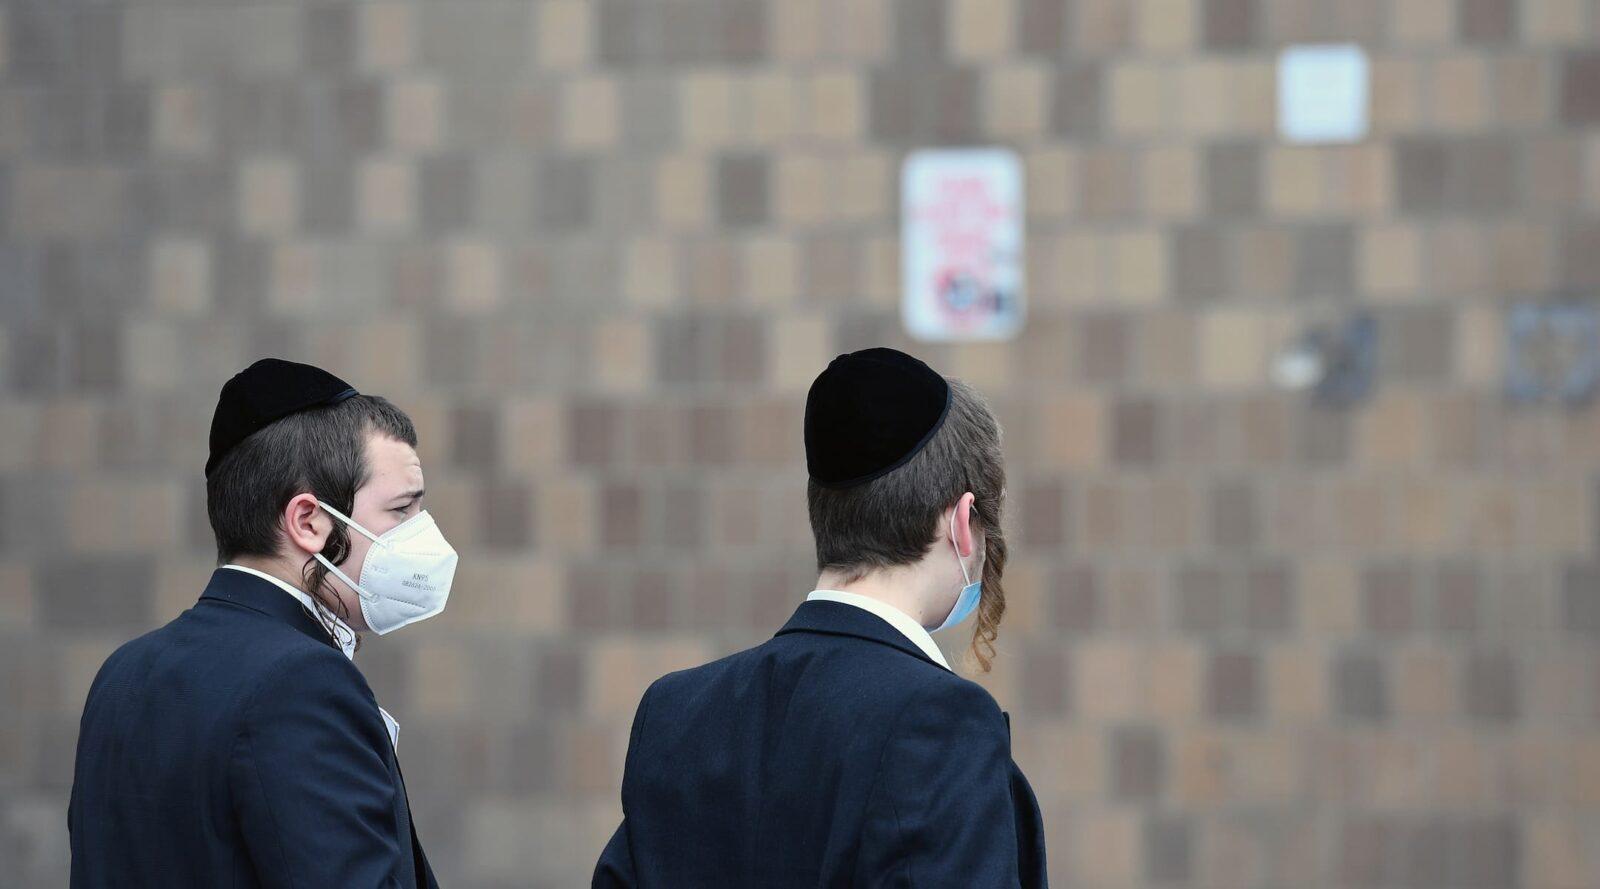 Бедные районы Нью-Йорка, включая еврейские анклавы, наиболее сильно пострадают от вируса